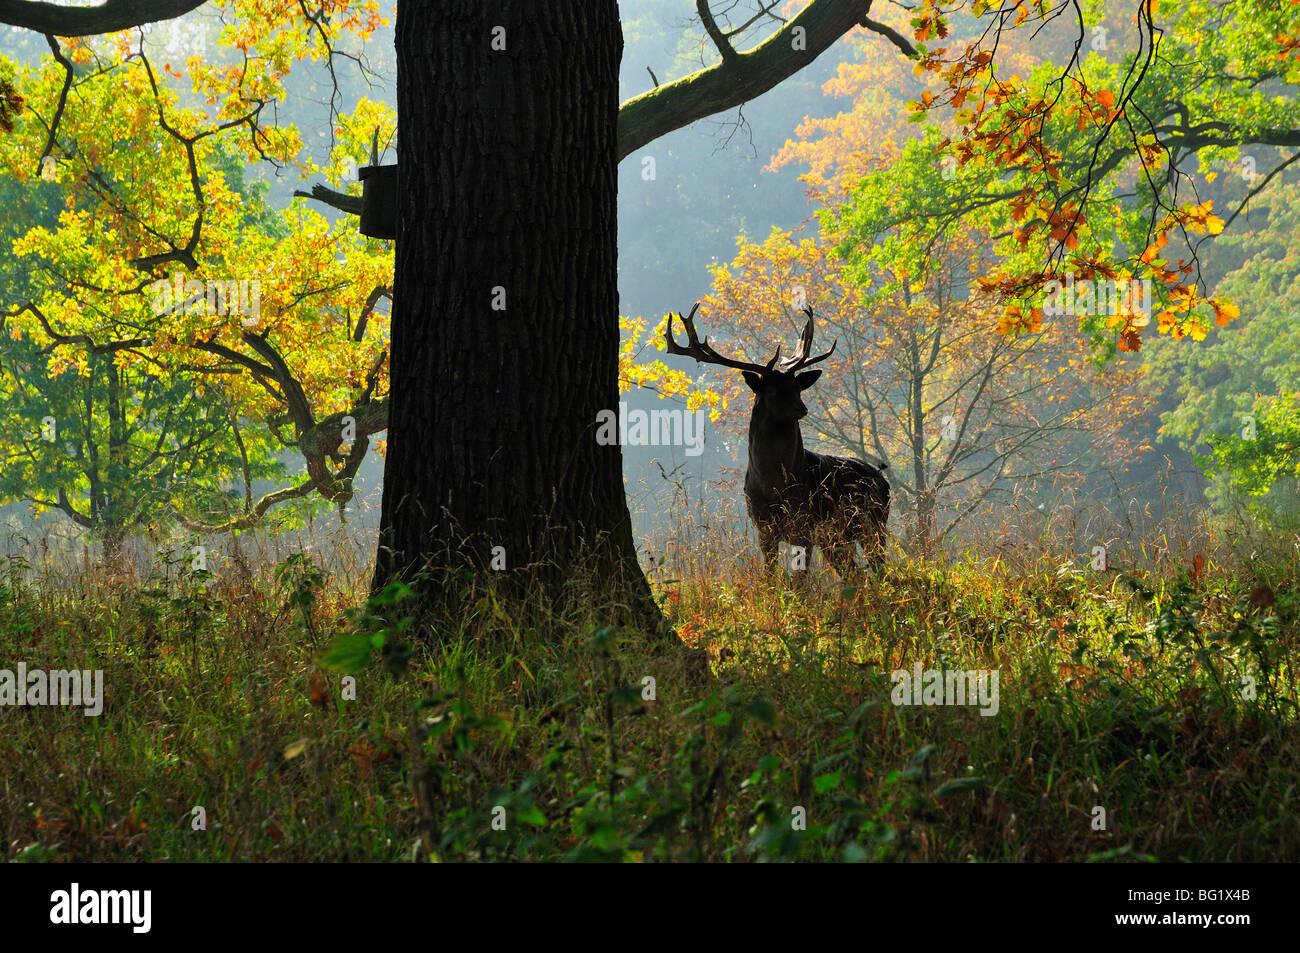 Deer, Favorite Park, Ludwigsburg, Baden-Wurttemberg, Germany, Europe - Stock Image